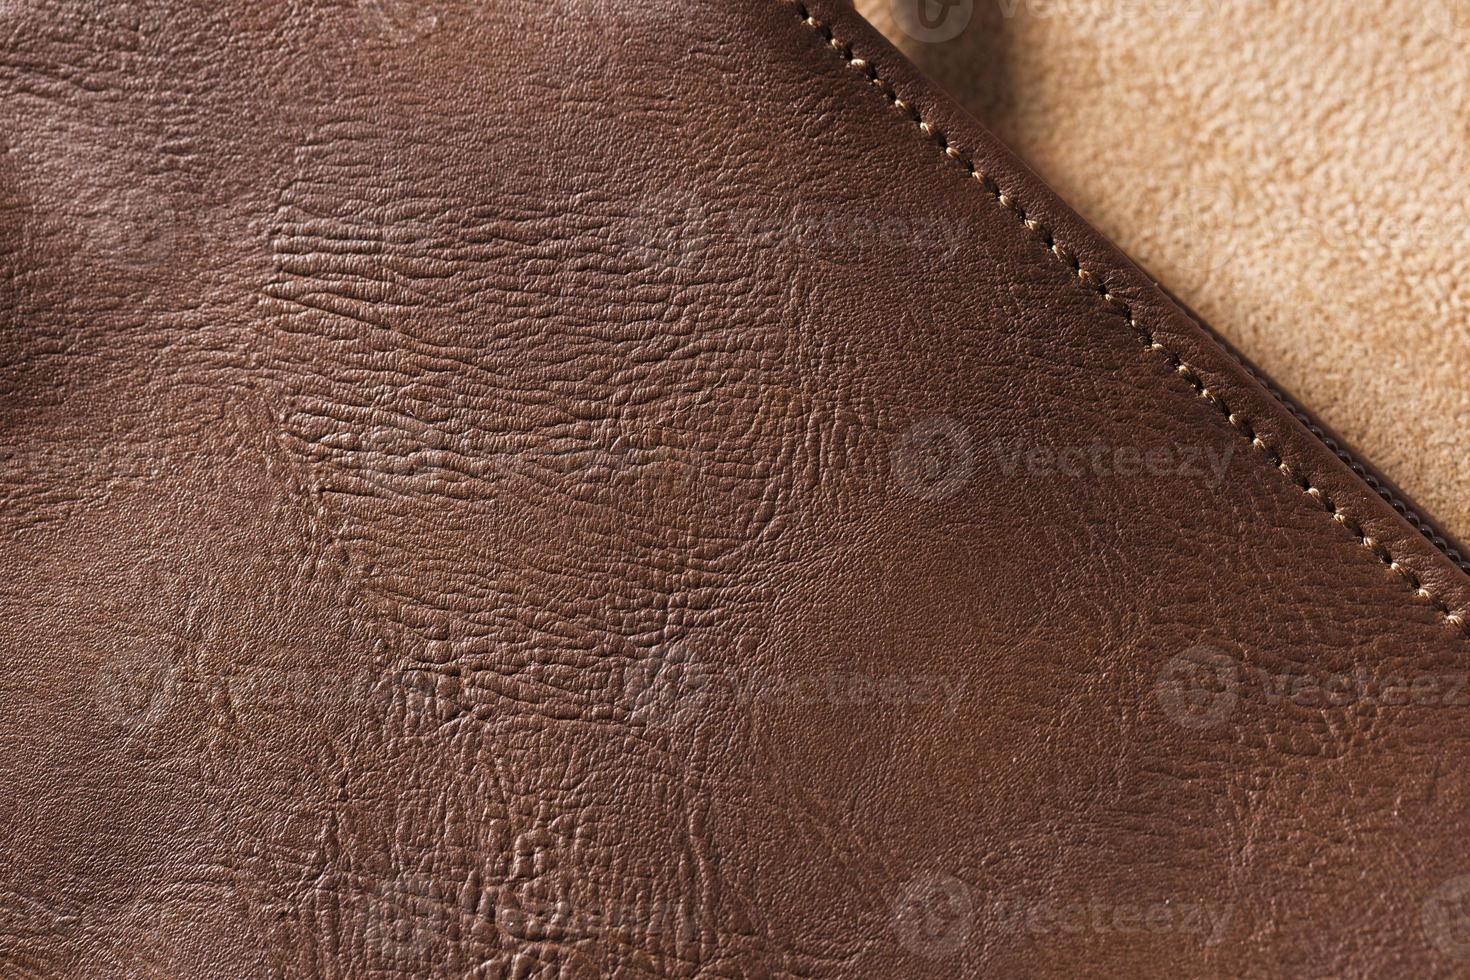 très gros plan de la texture du cuir de qualité photo